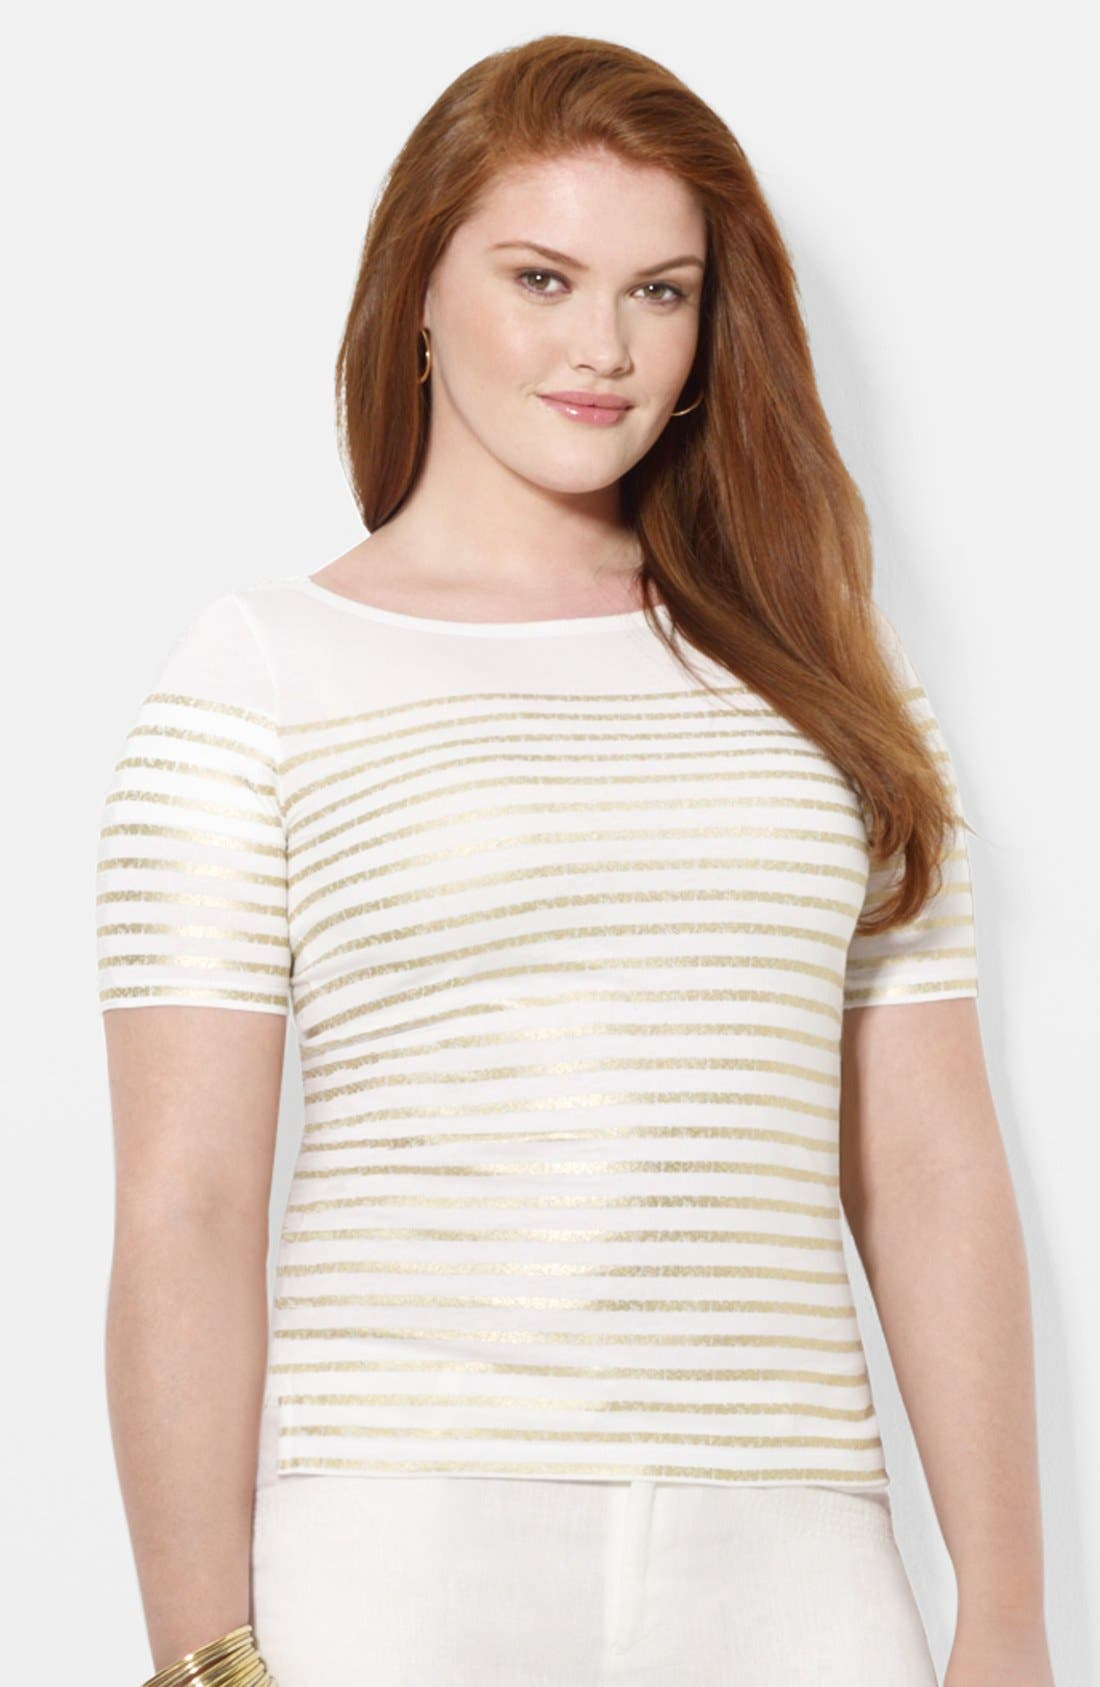 Alternate Image 1 Selected - Lauren Ralph Lauren Stripe Cotton Top (Plus Size)